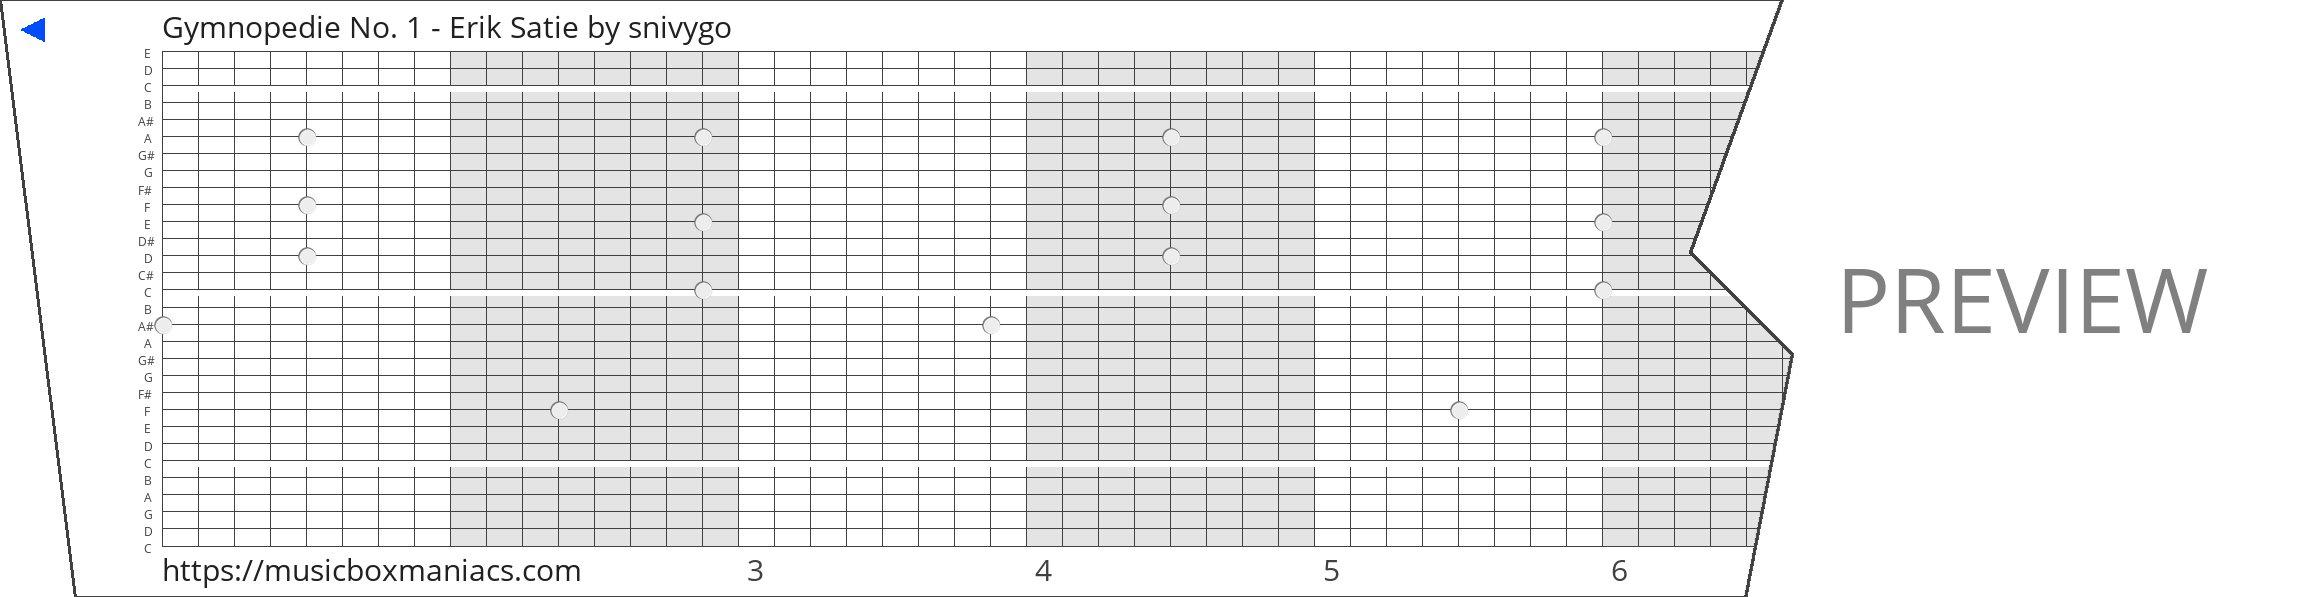 Gymnopedie No. 1 - Erik Satie 30 note music box paper strip